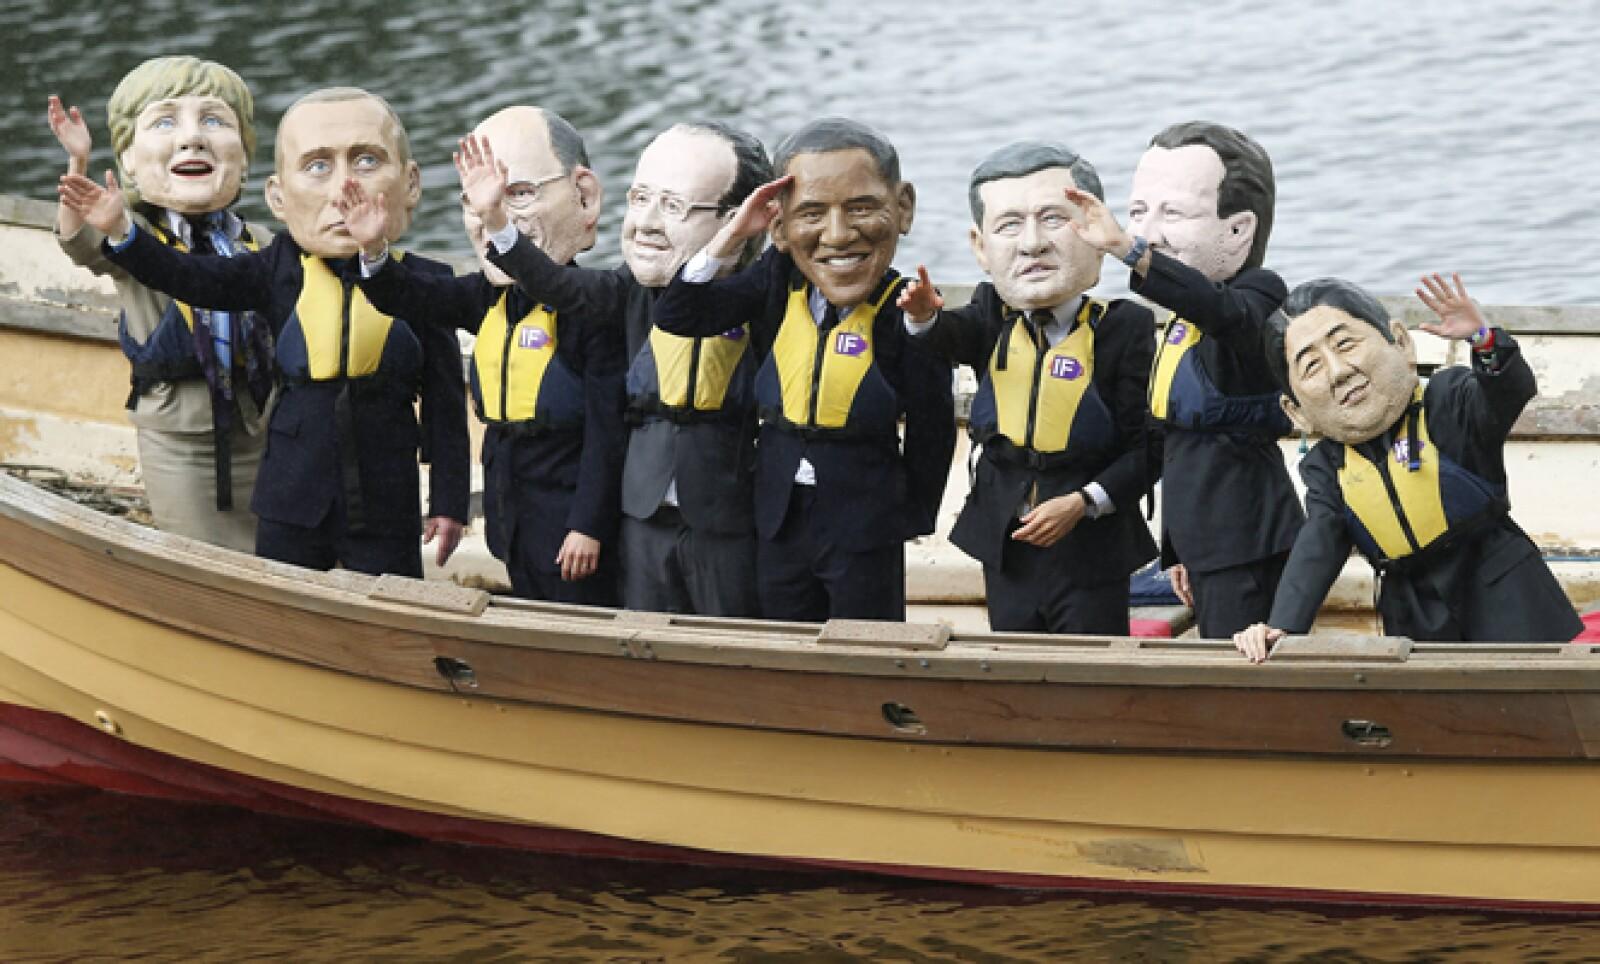 Activistas, que luchan por eliminar el hambre, realizaron una protesta en la que en un barco montaron muñecos de los líderes del G8.